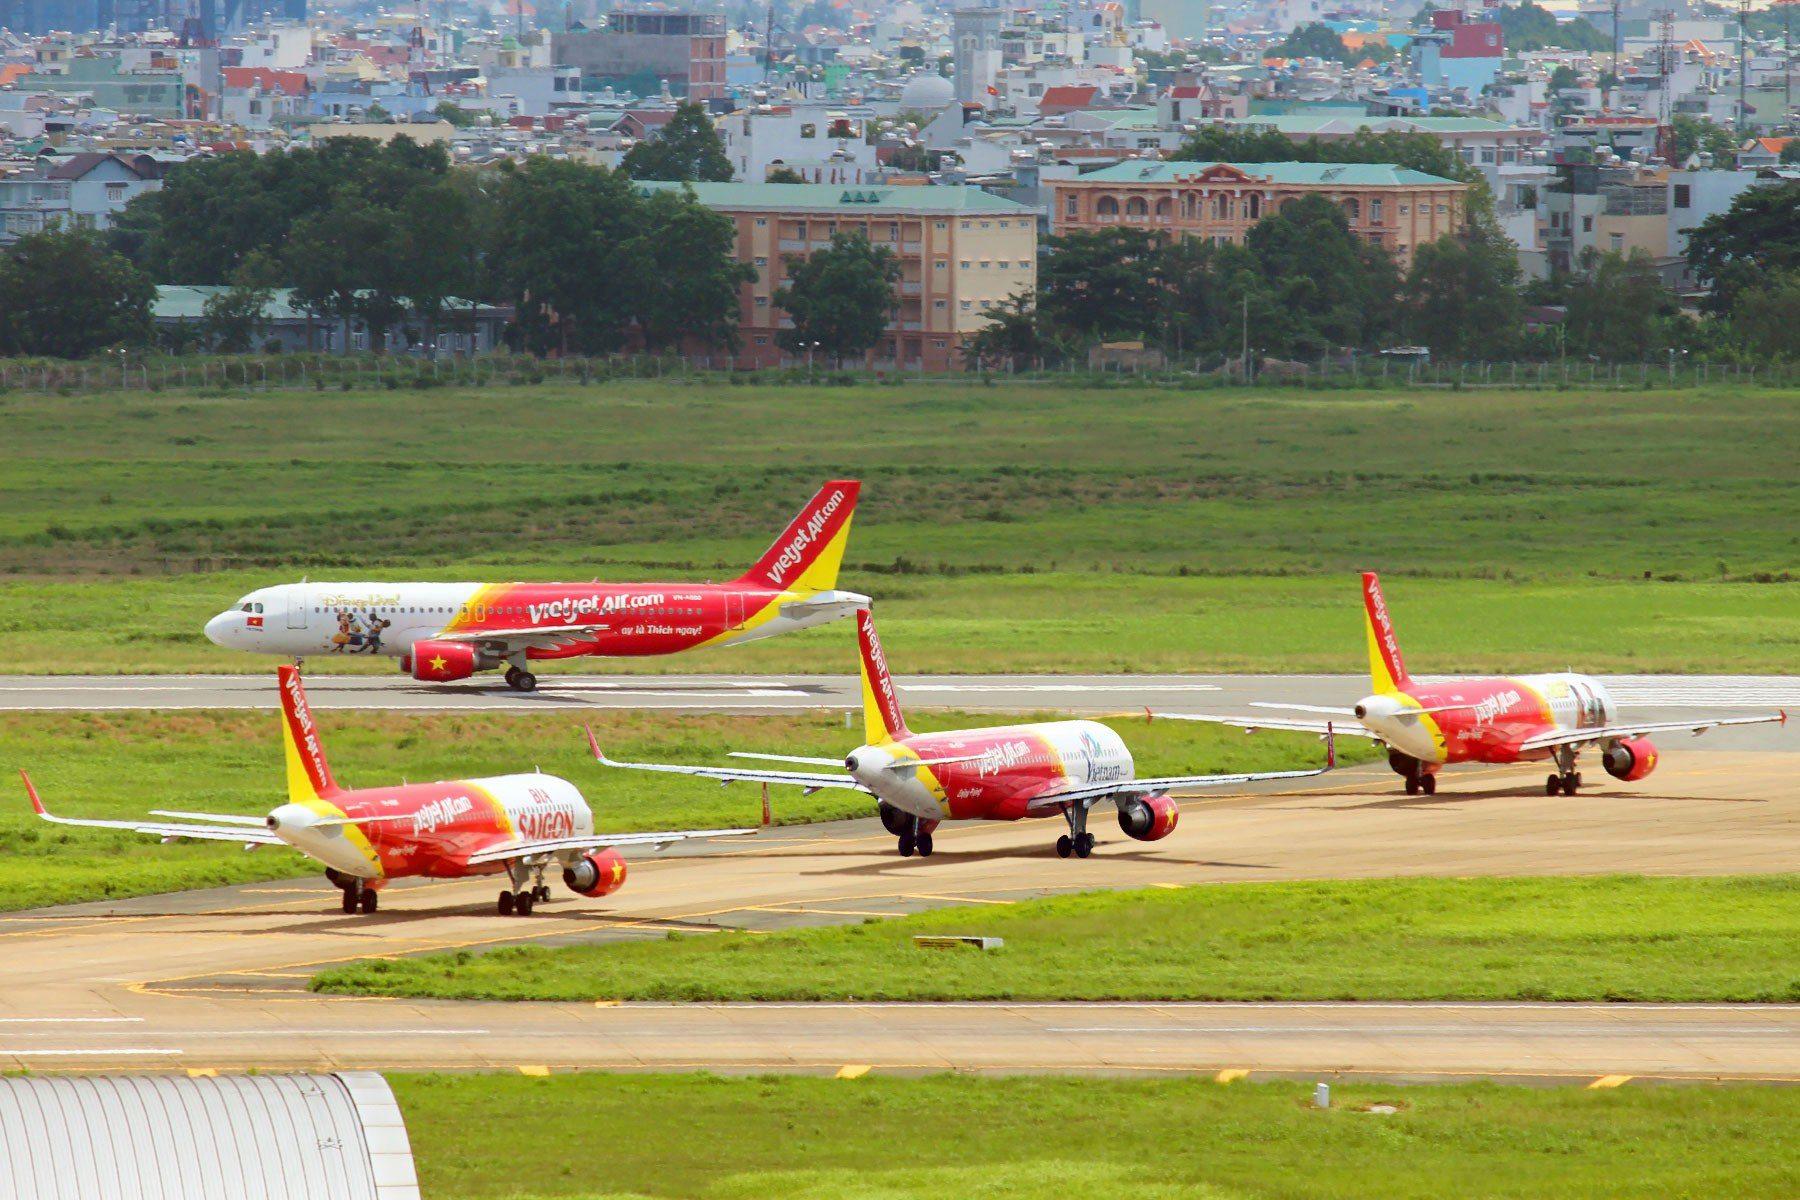 ベトジェットエア、2020年末までに90機体制とすることを発表